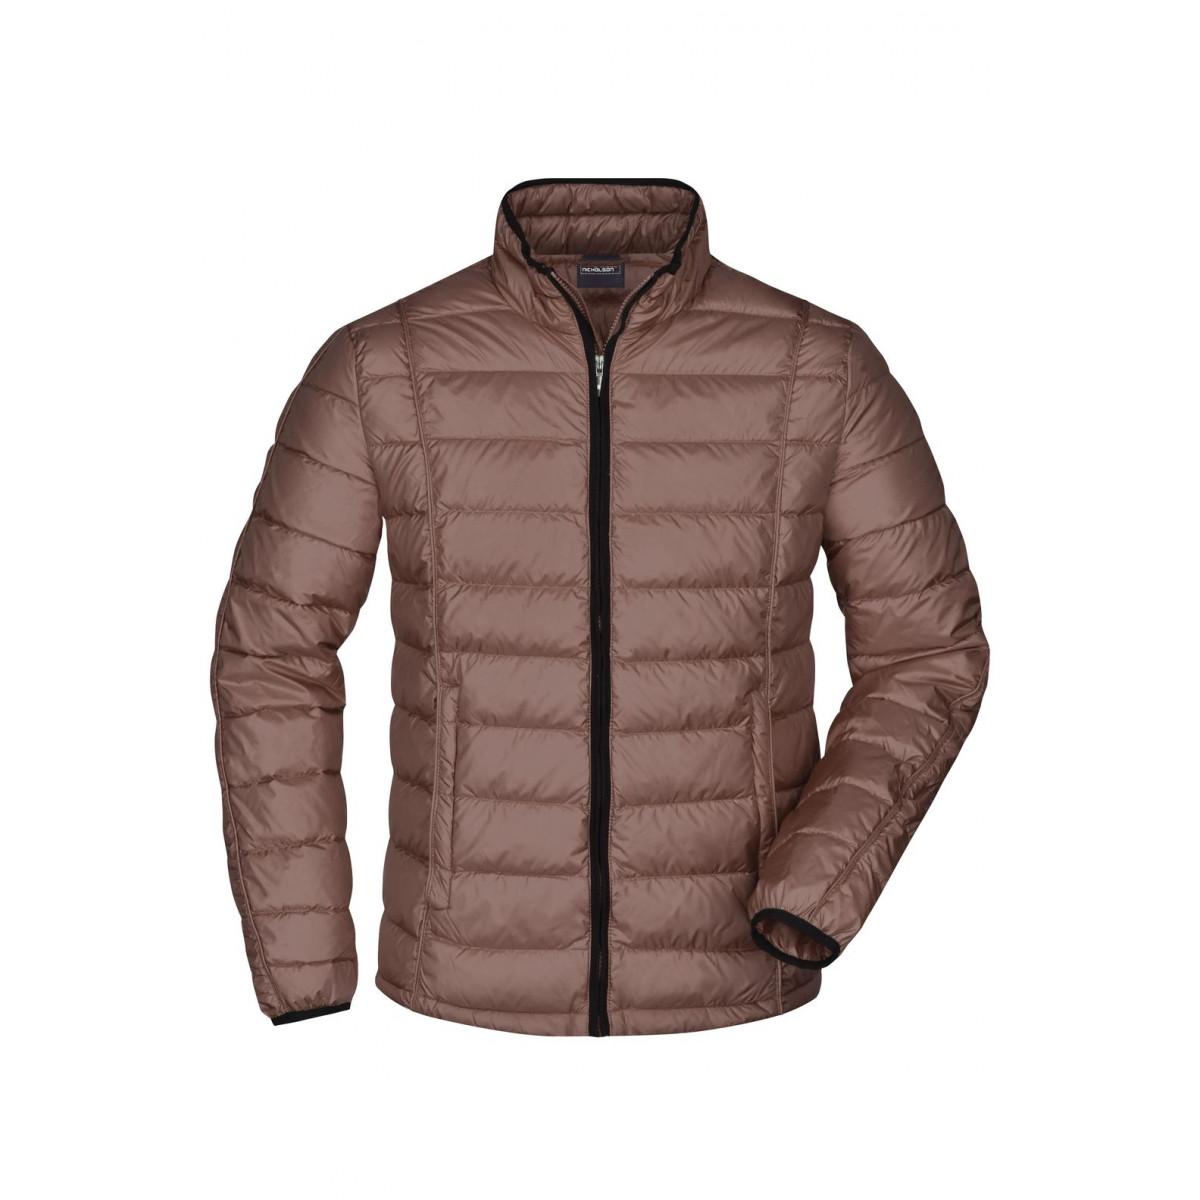 Куртка мужская JN1082 Mens Quilted Down Jacket - Коричневый/Черный